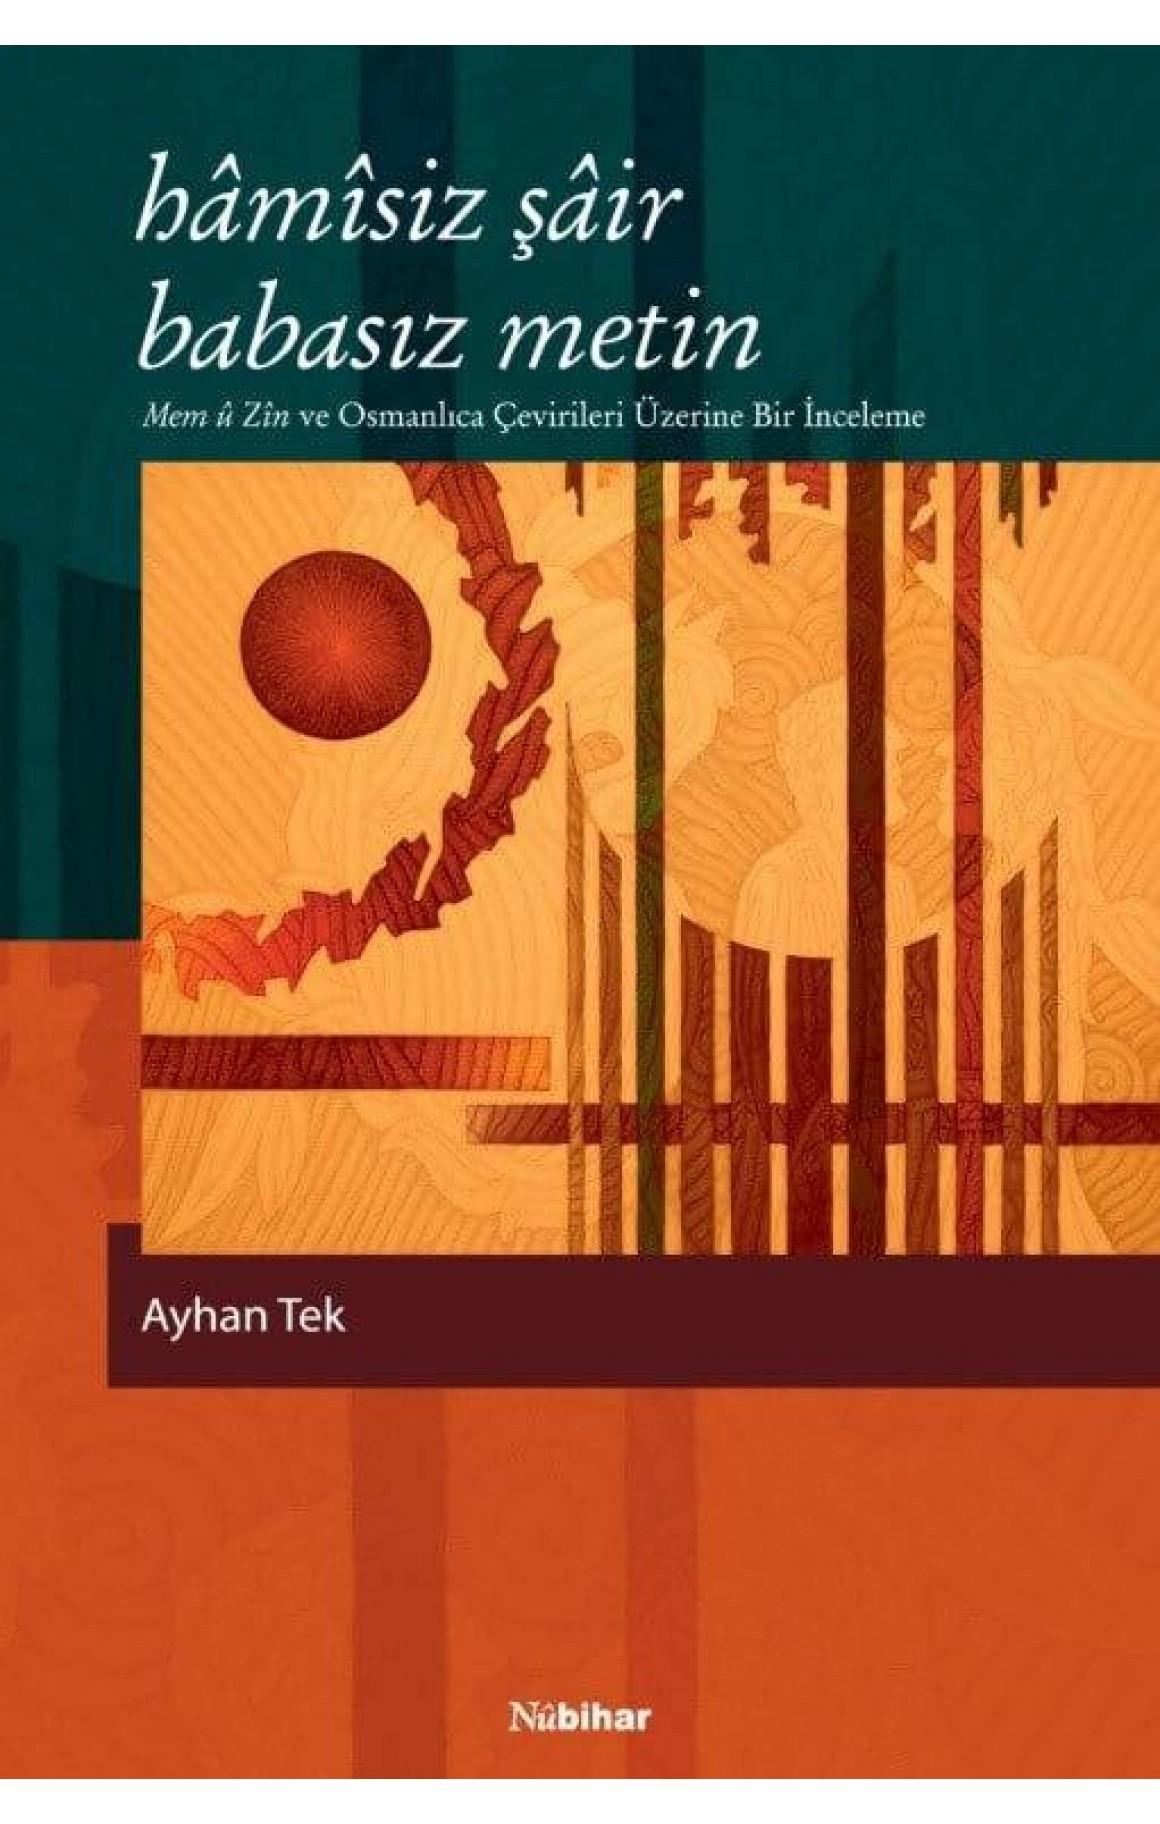 Hâmîsiz Şâir Babasız Metin (Mem û Zîn ve Osmanlıca Çevirileri Üzerine Bir İnceleme)